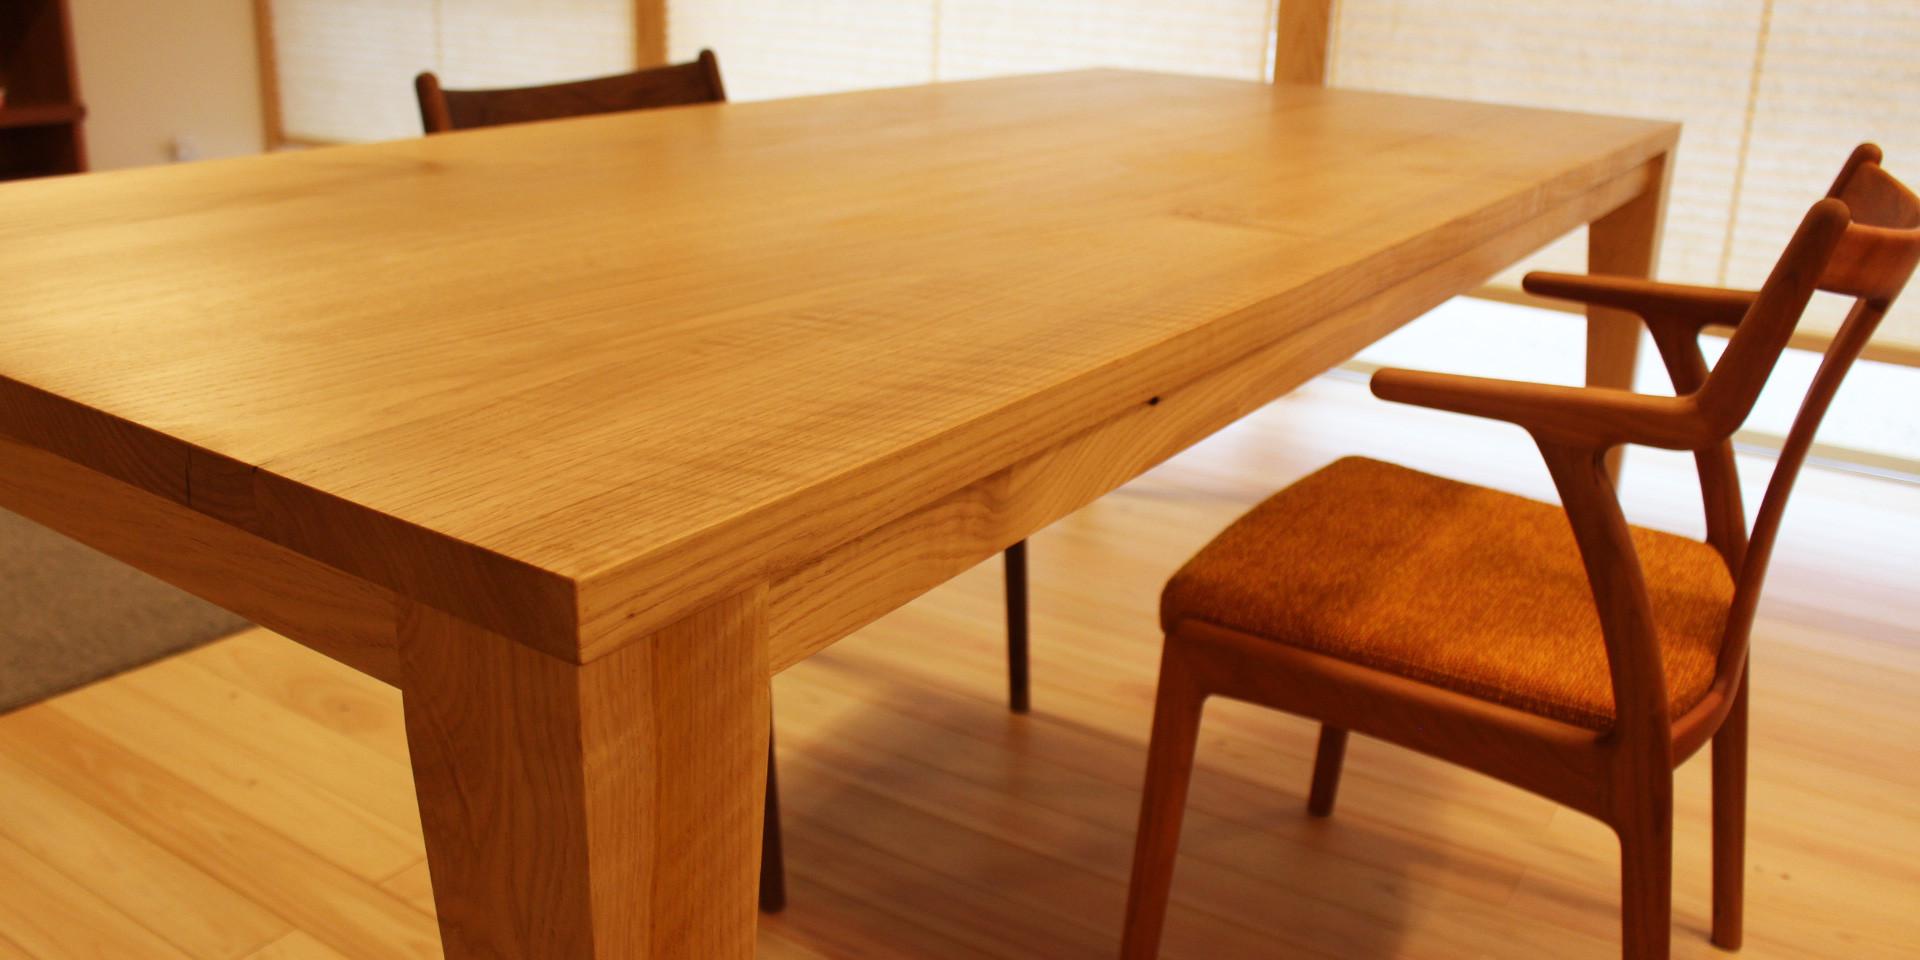 シイの木のスクエアテーブルとワークデスク